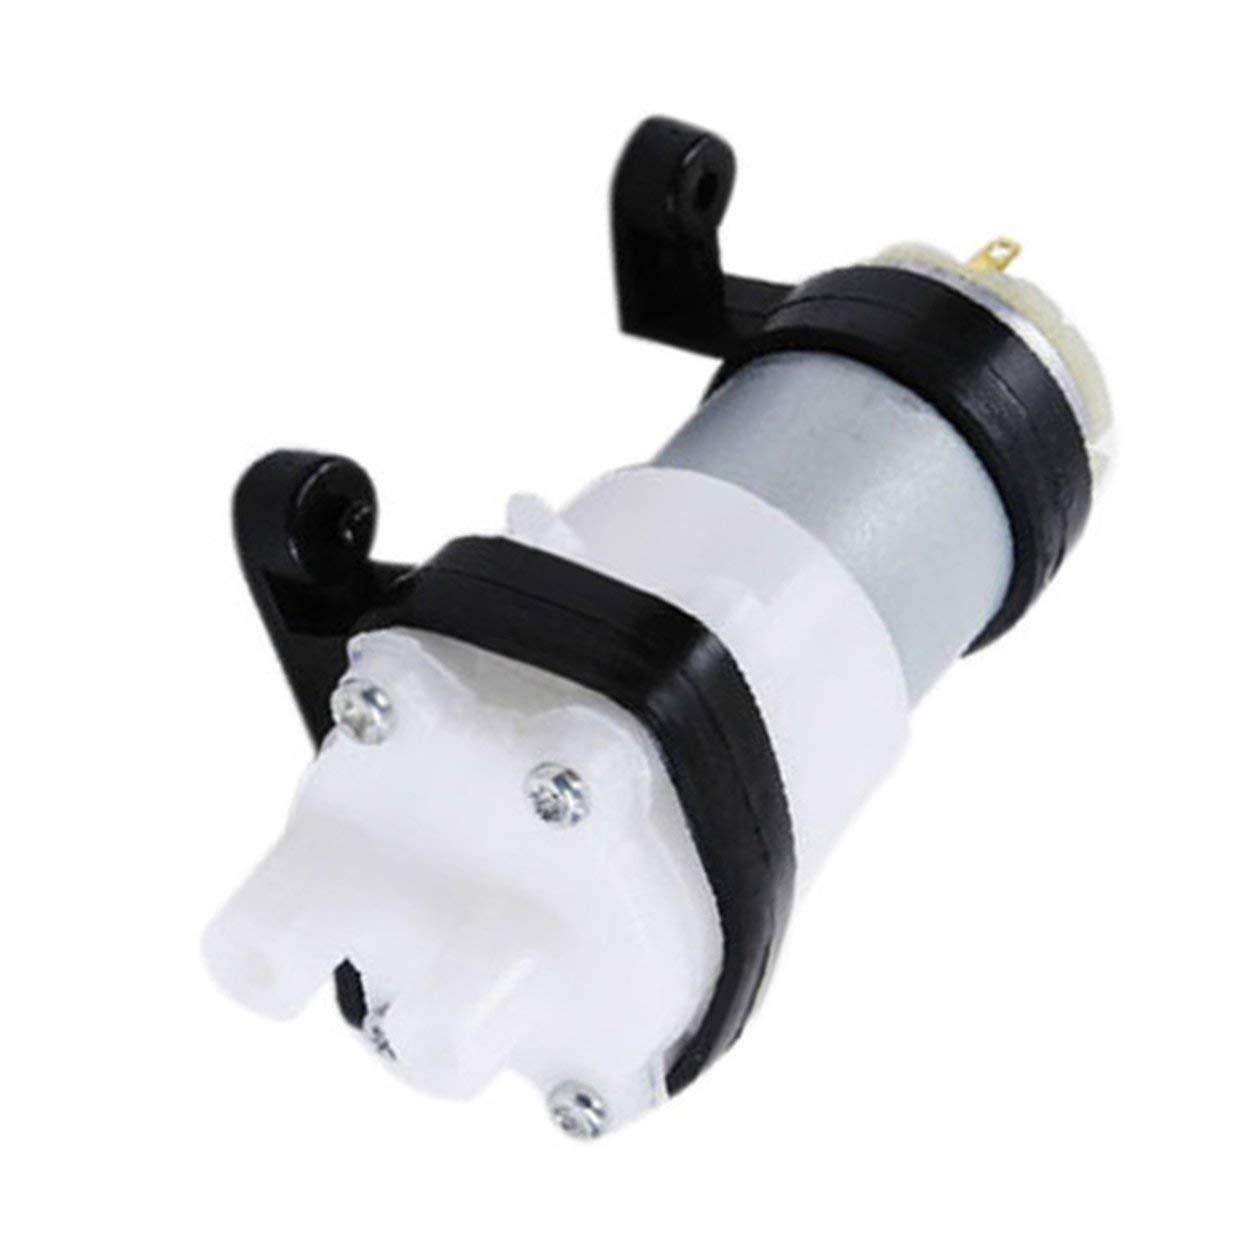 bianco e nero Pompa a diaframma DC6-12V Pompa acqua multifunzione 385 con staffa Pompa per acquario Motore per auto Scrub Mini pompa olio per cereali